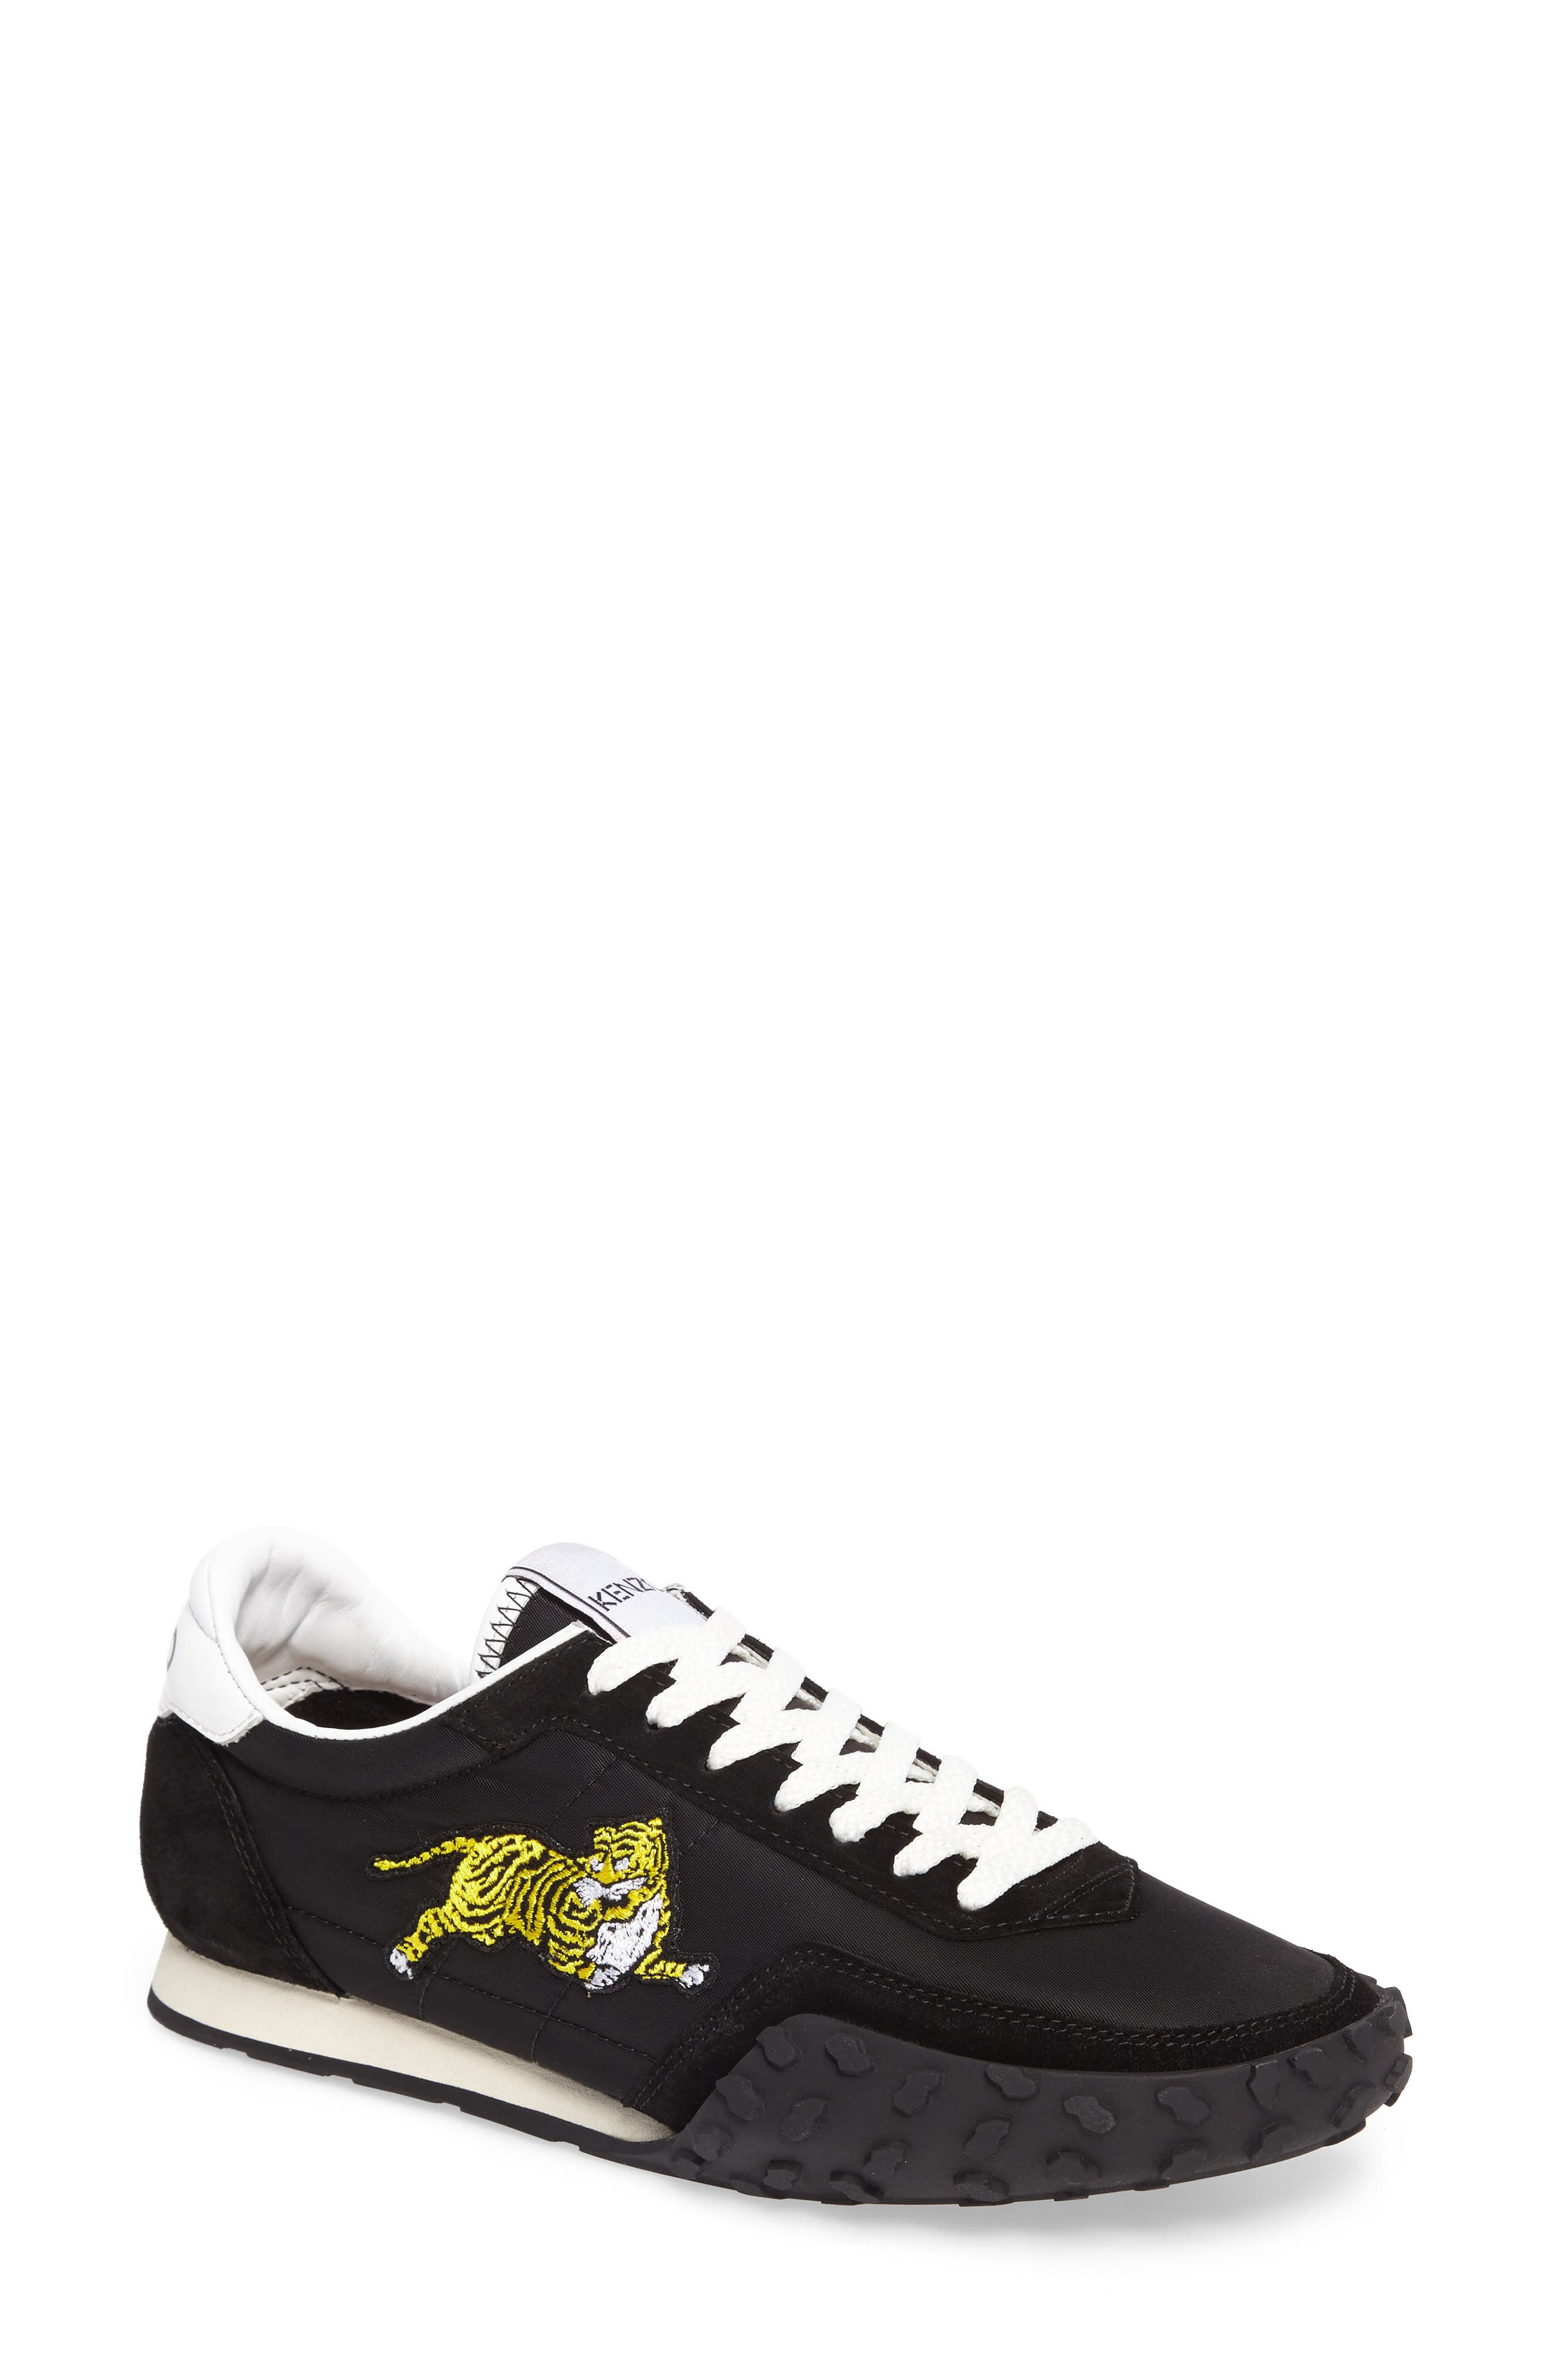 MOVE Sneaker,                         Main,                         color, BLACK